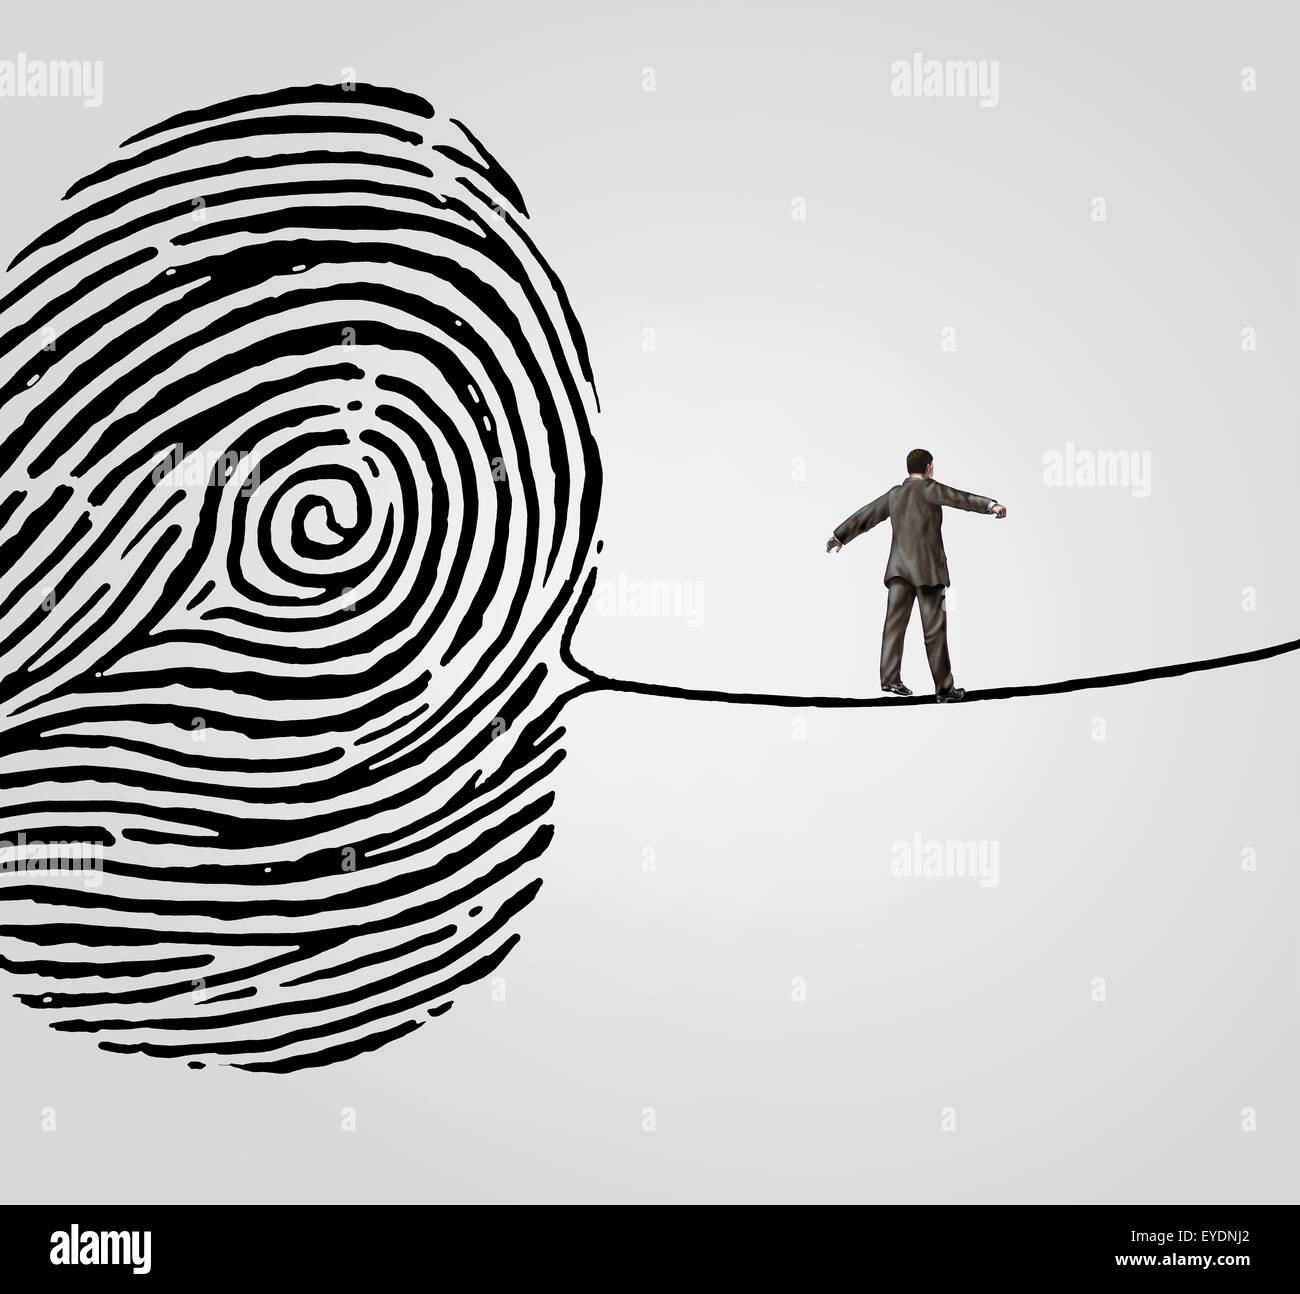 La sécurité de l'information client concept de risque comme une personne marchant sur un doigt en Photo Stock